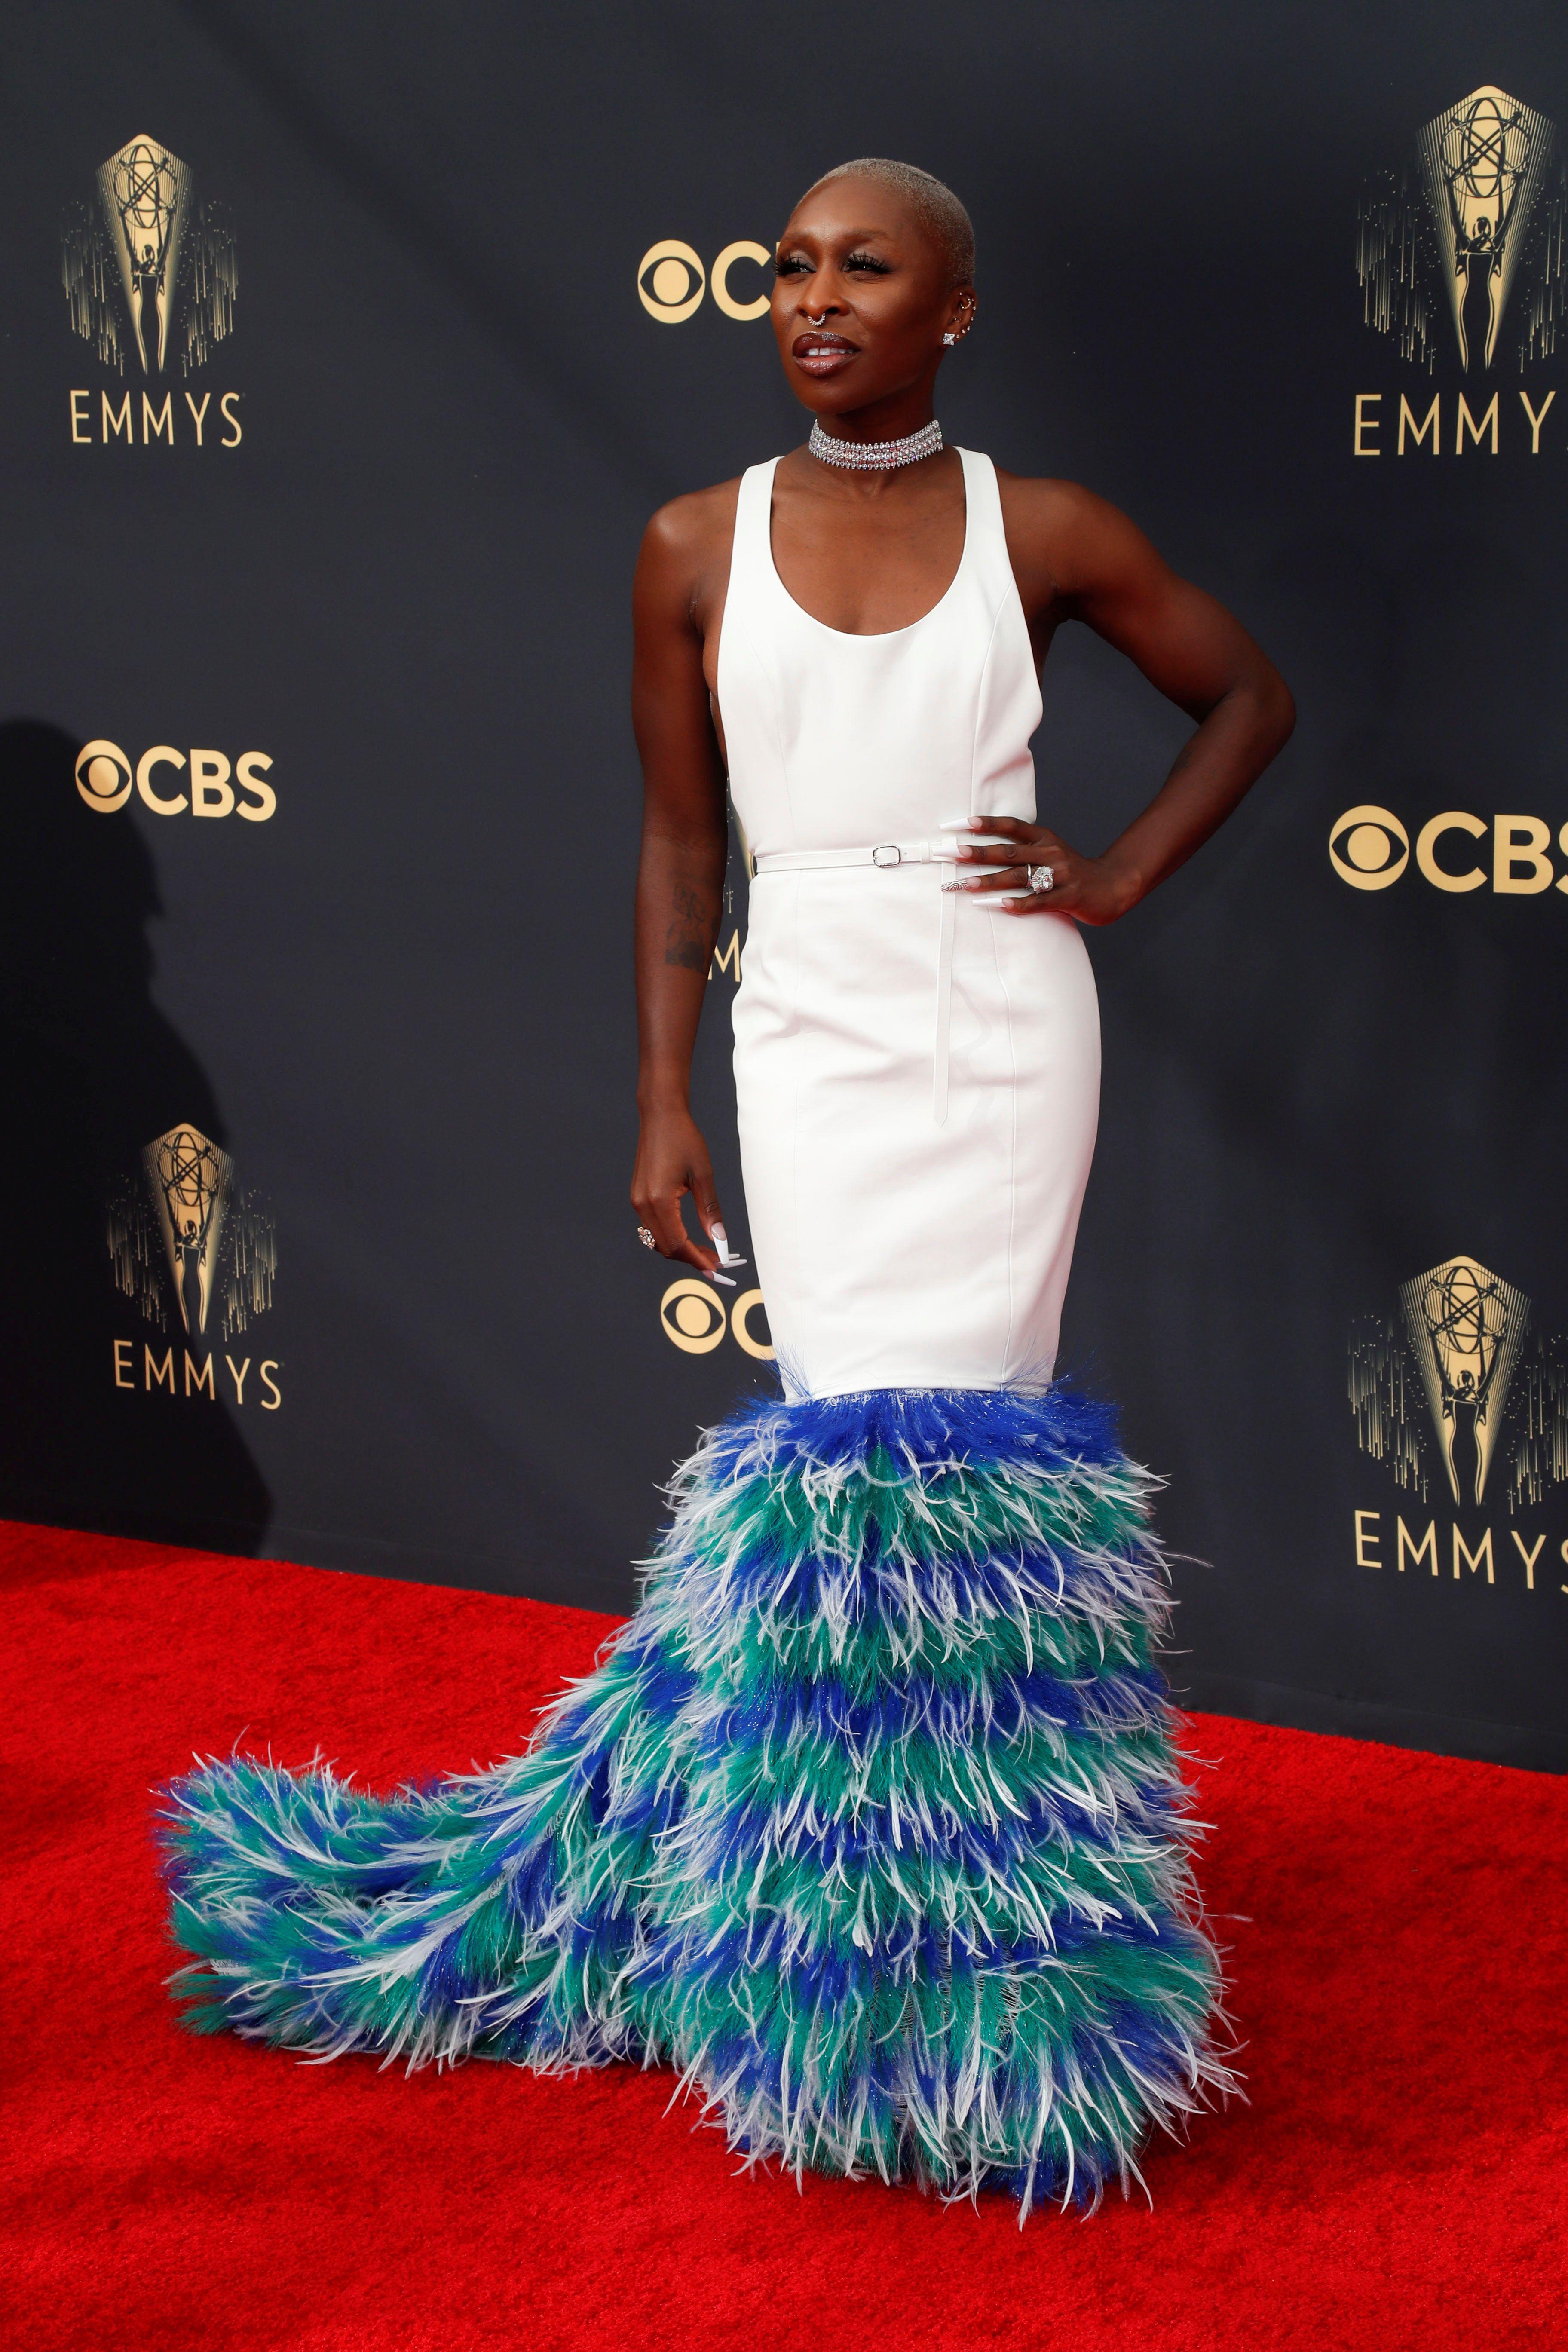 """Cynthia Erivo - Para Maureene Dinar, """"optó por un vestido que me parece espantoso, porque es una lycra pegada más allá que se usen las plumas esos colores y prenda. Además, demodé la manera de demostrar que la moda sólo la puede manejarla expertos en ella"""""""